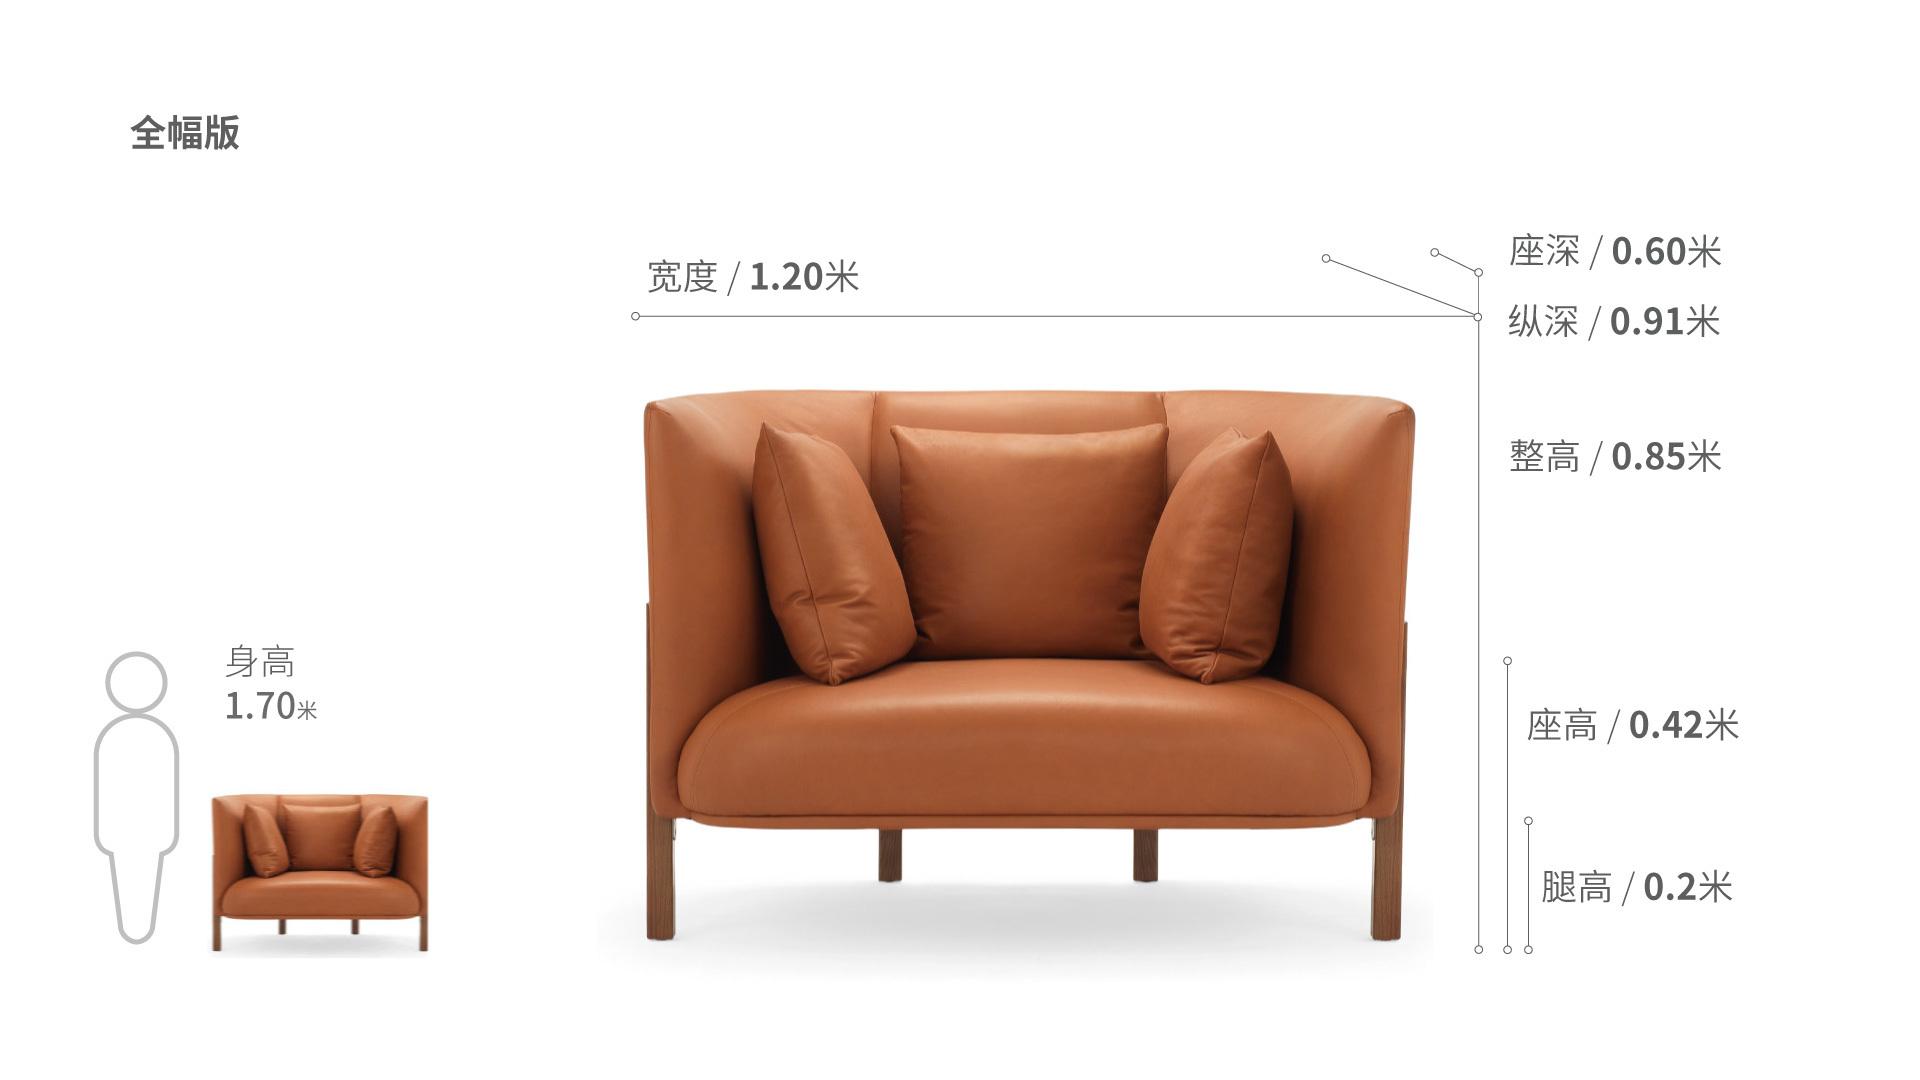 COFA L®全幅版单人座沙发效果图